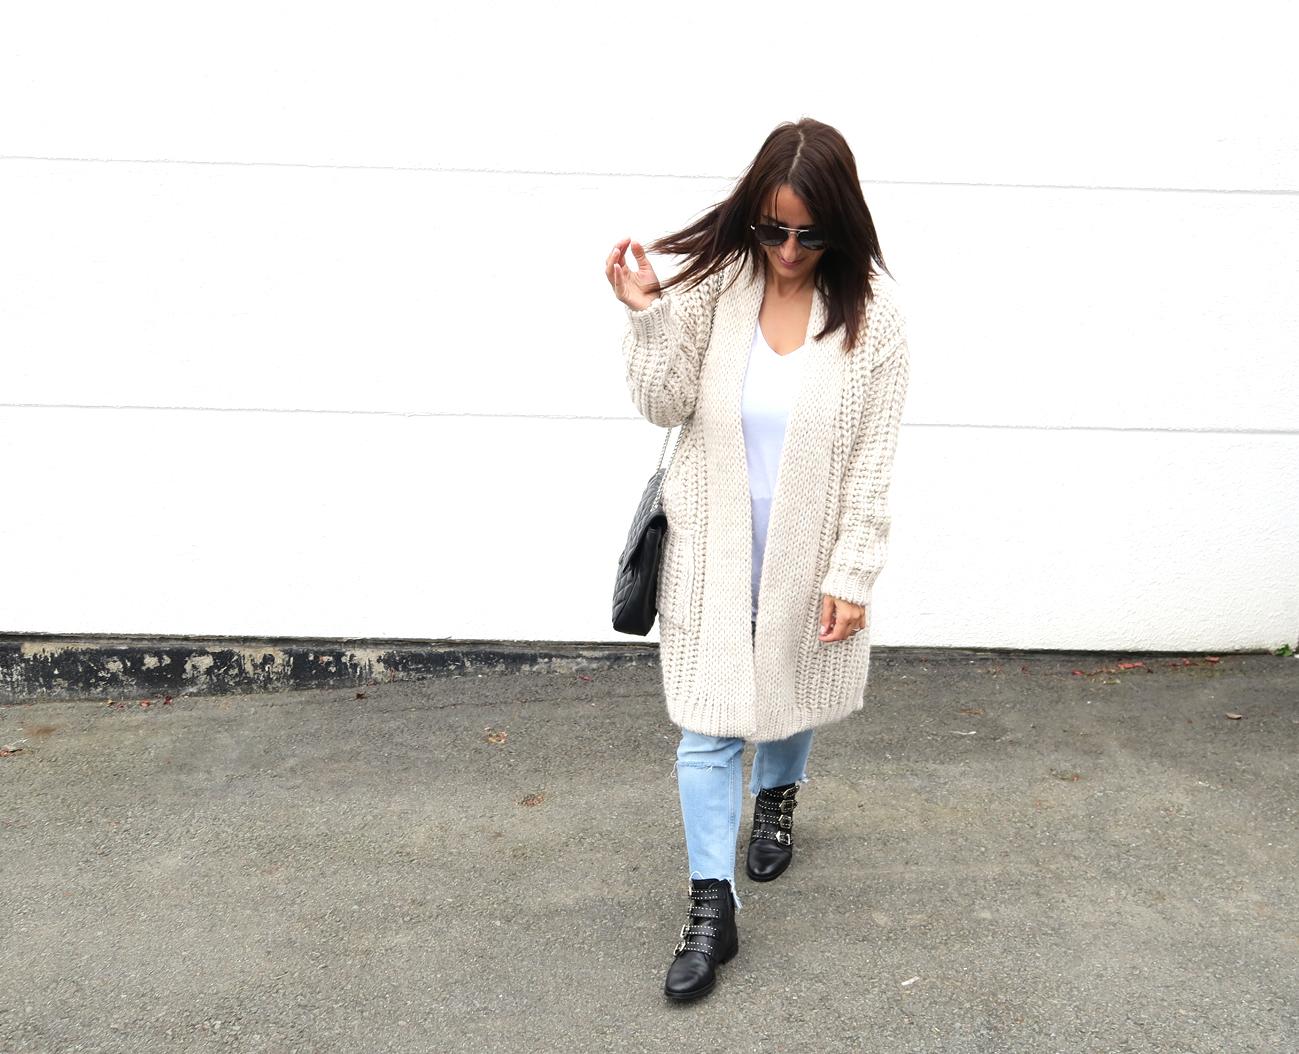 nieten-boots-herbstlook-streetstyle-autumn-blogger-fashion-outfit-zara-6